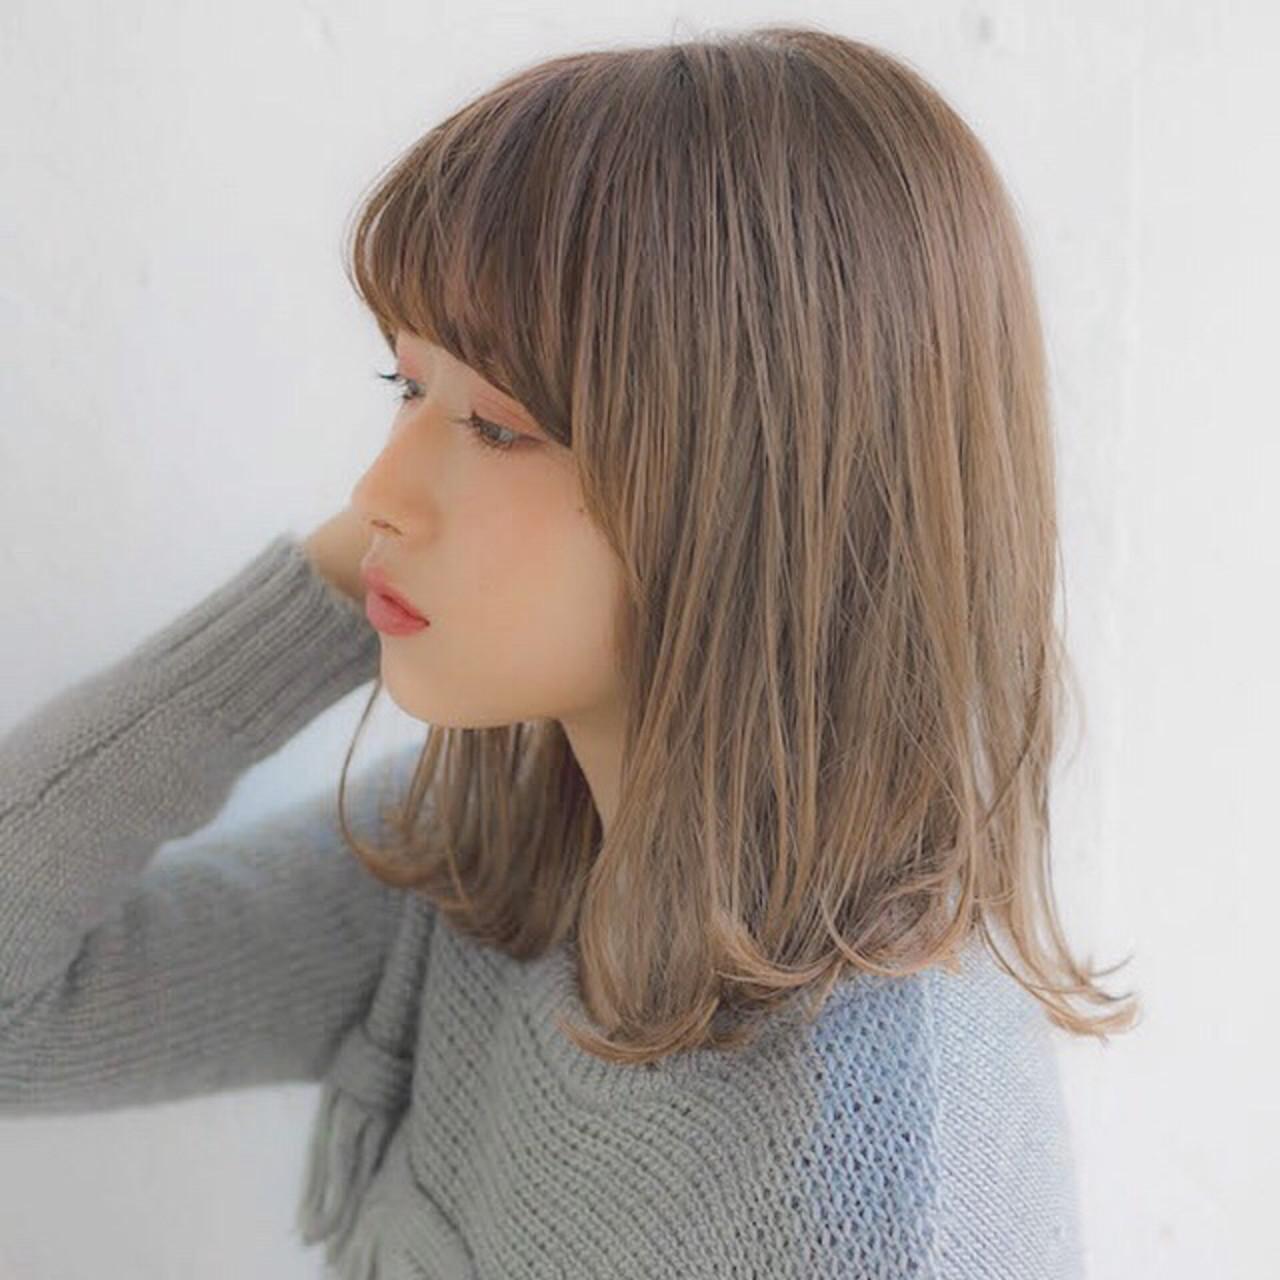 女っぽさ抜群のアンニュイほつれヘア 竹澤 優/relian銀座Top stylist